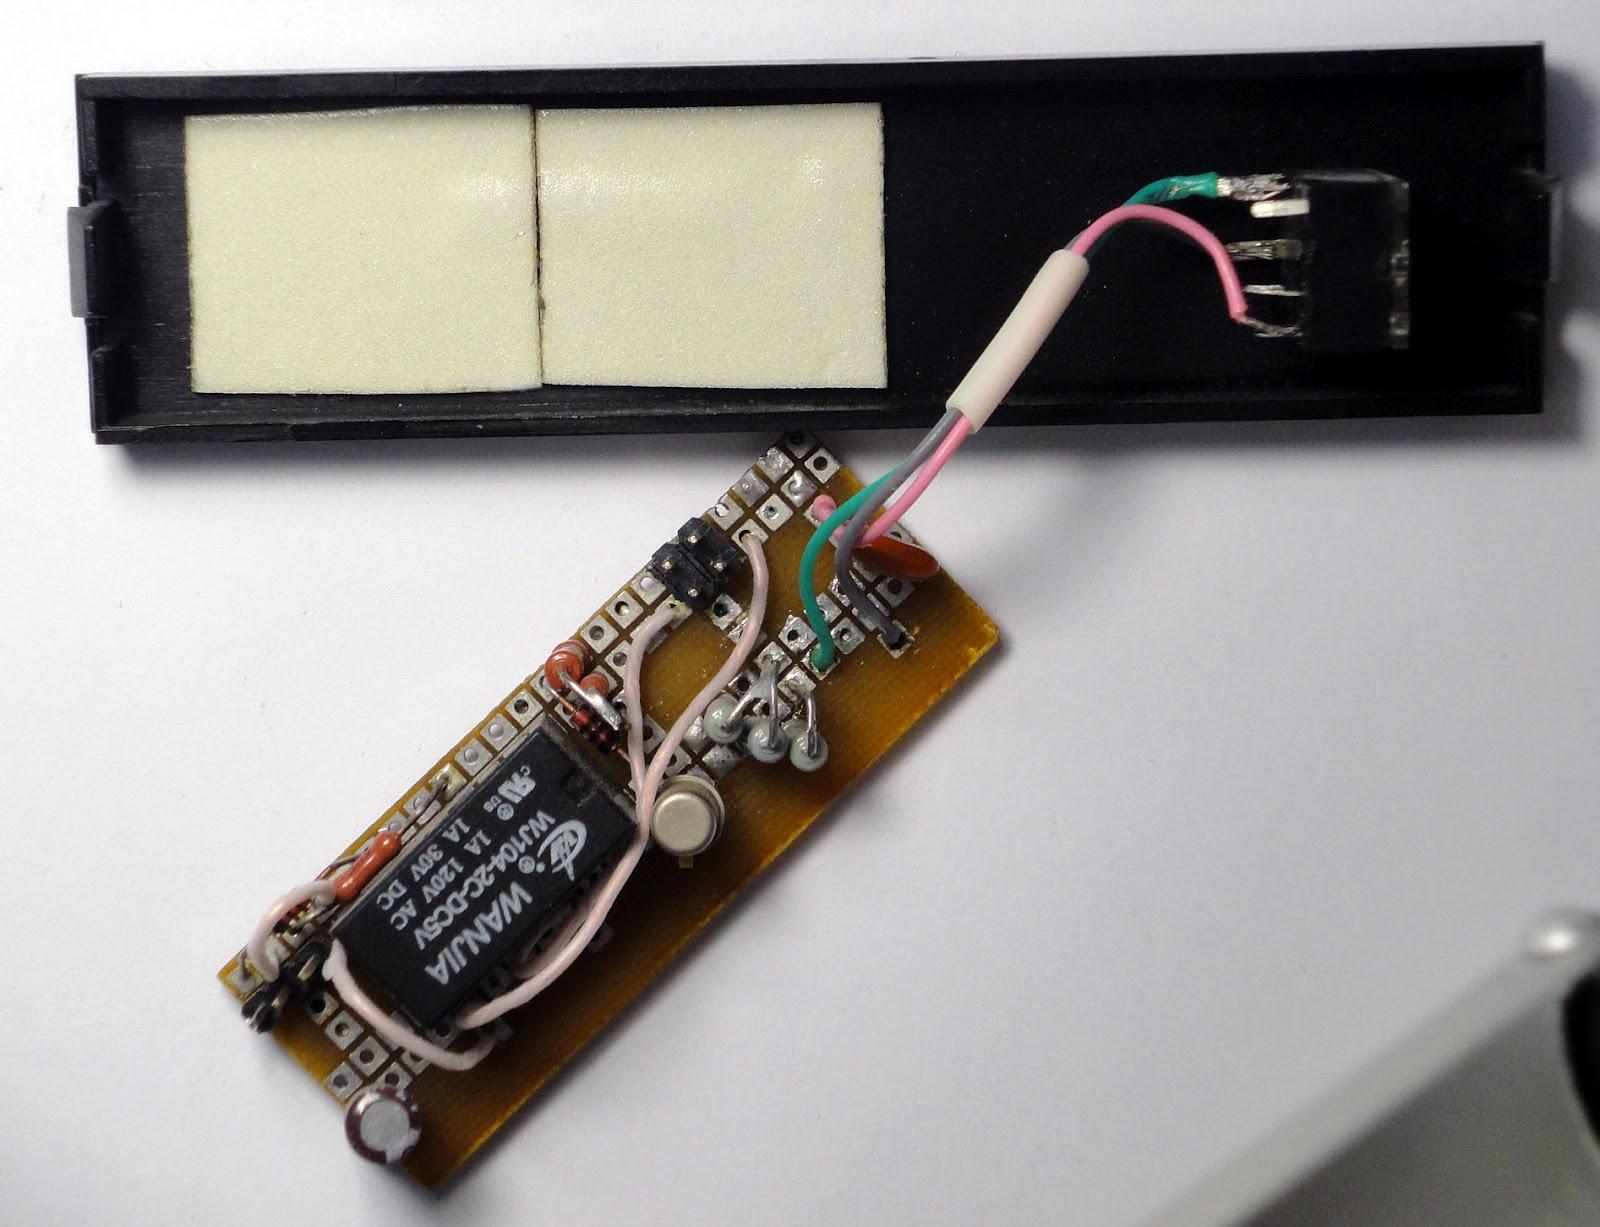 Пульт для компьютера своими руками usb